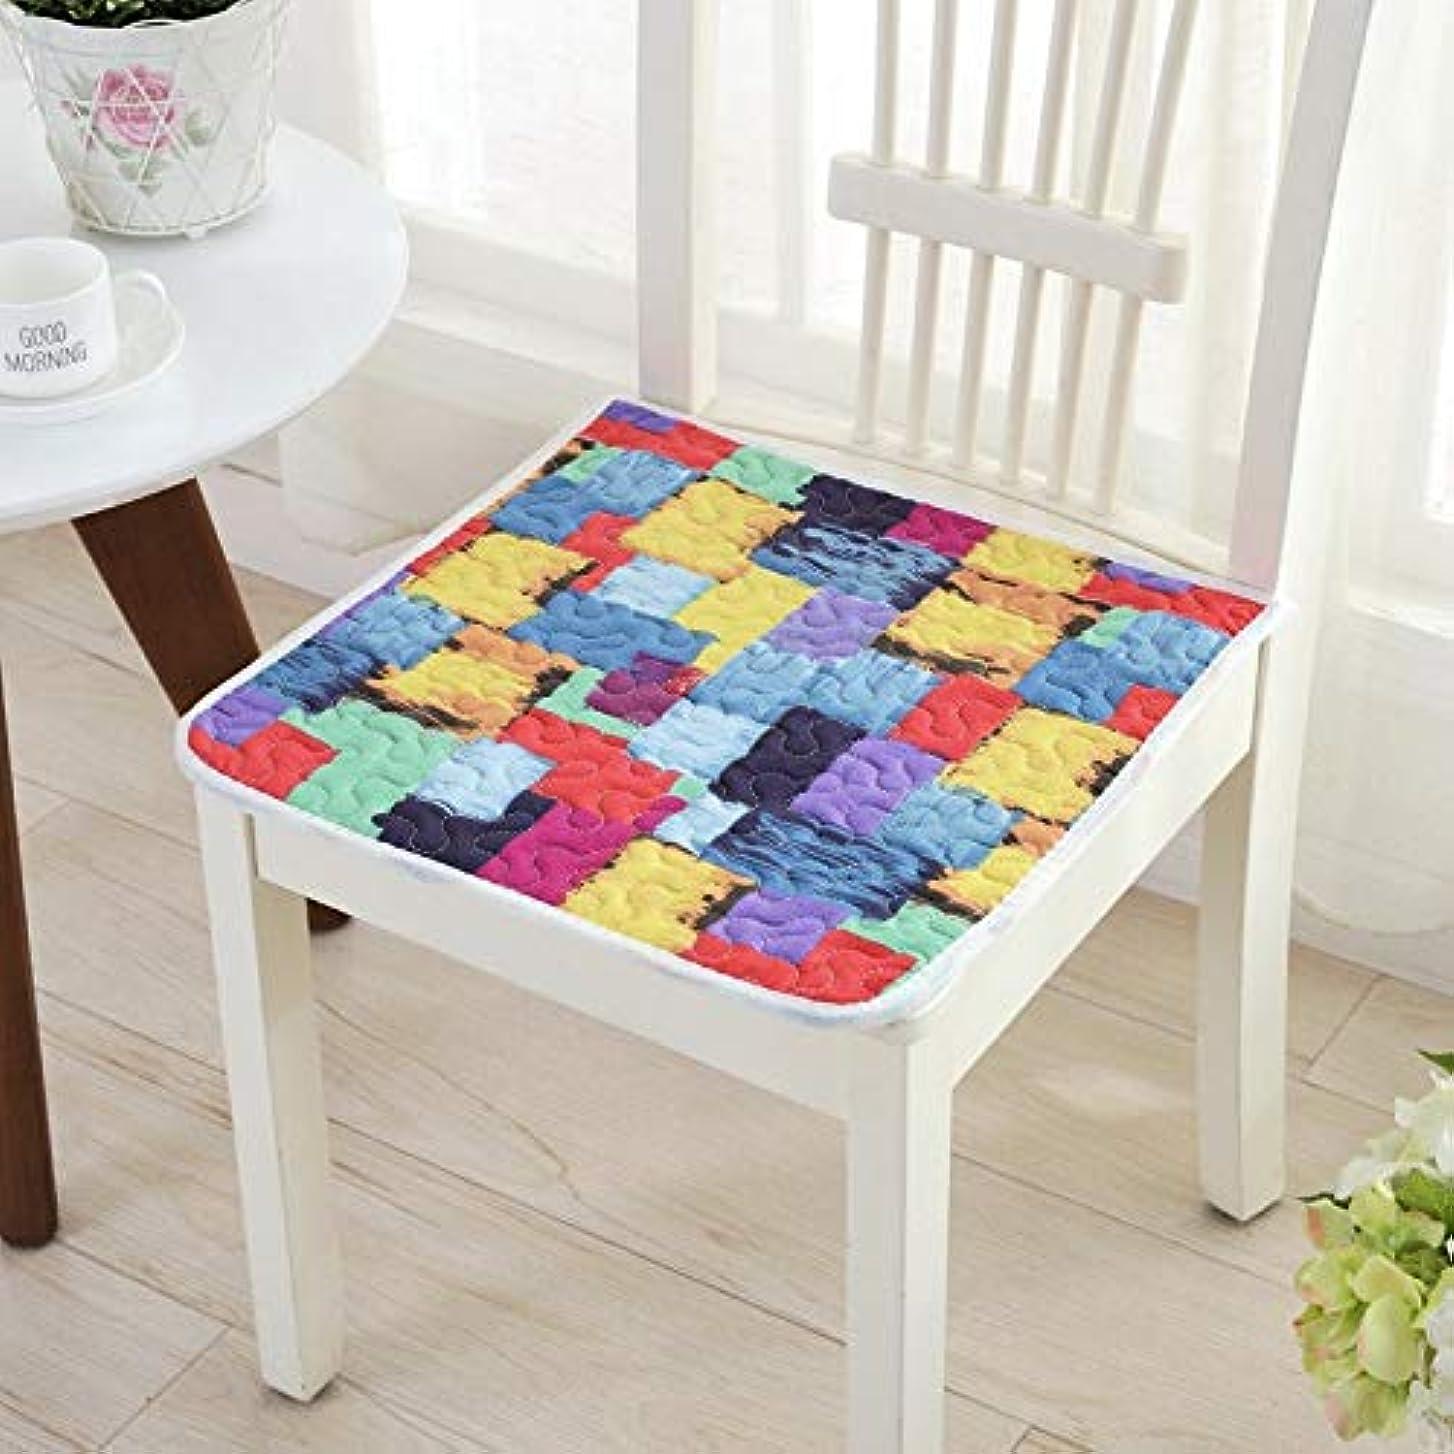 デジタルパン慎重にLIFE 現代スーパーソフト椅子クッション非スリップシートクッションマットソファホームデコレーションバッククッションチェアパッド 40*40/45*45/50*50 センチメートル クッション 椅子